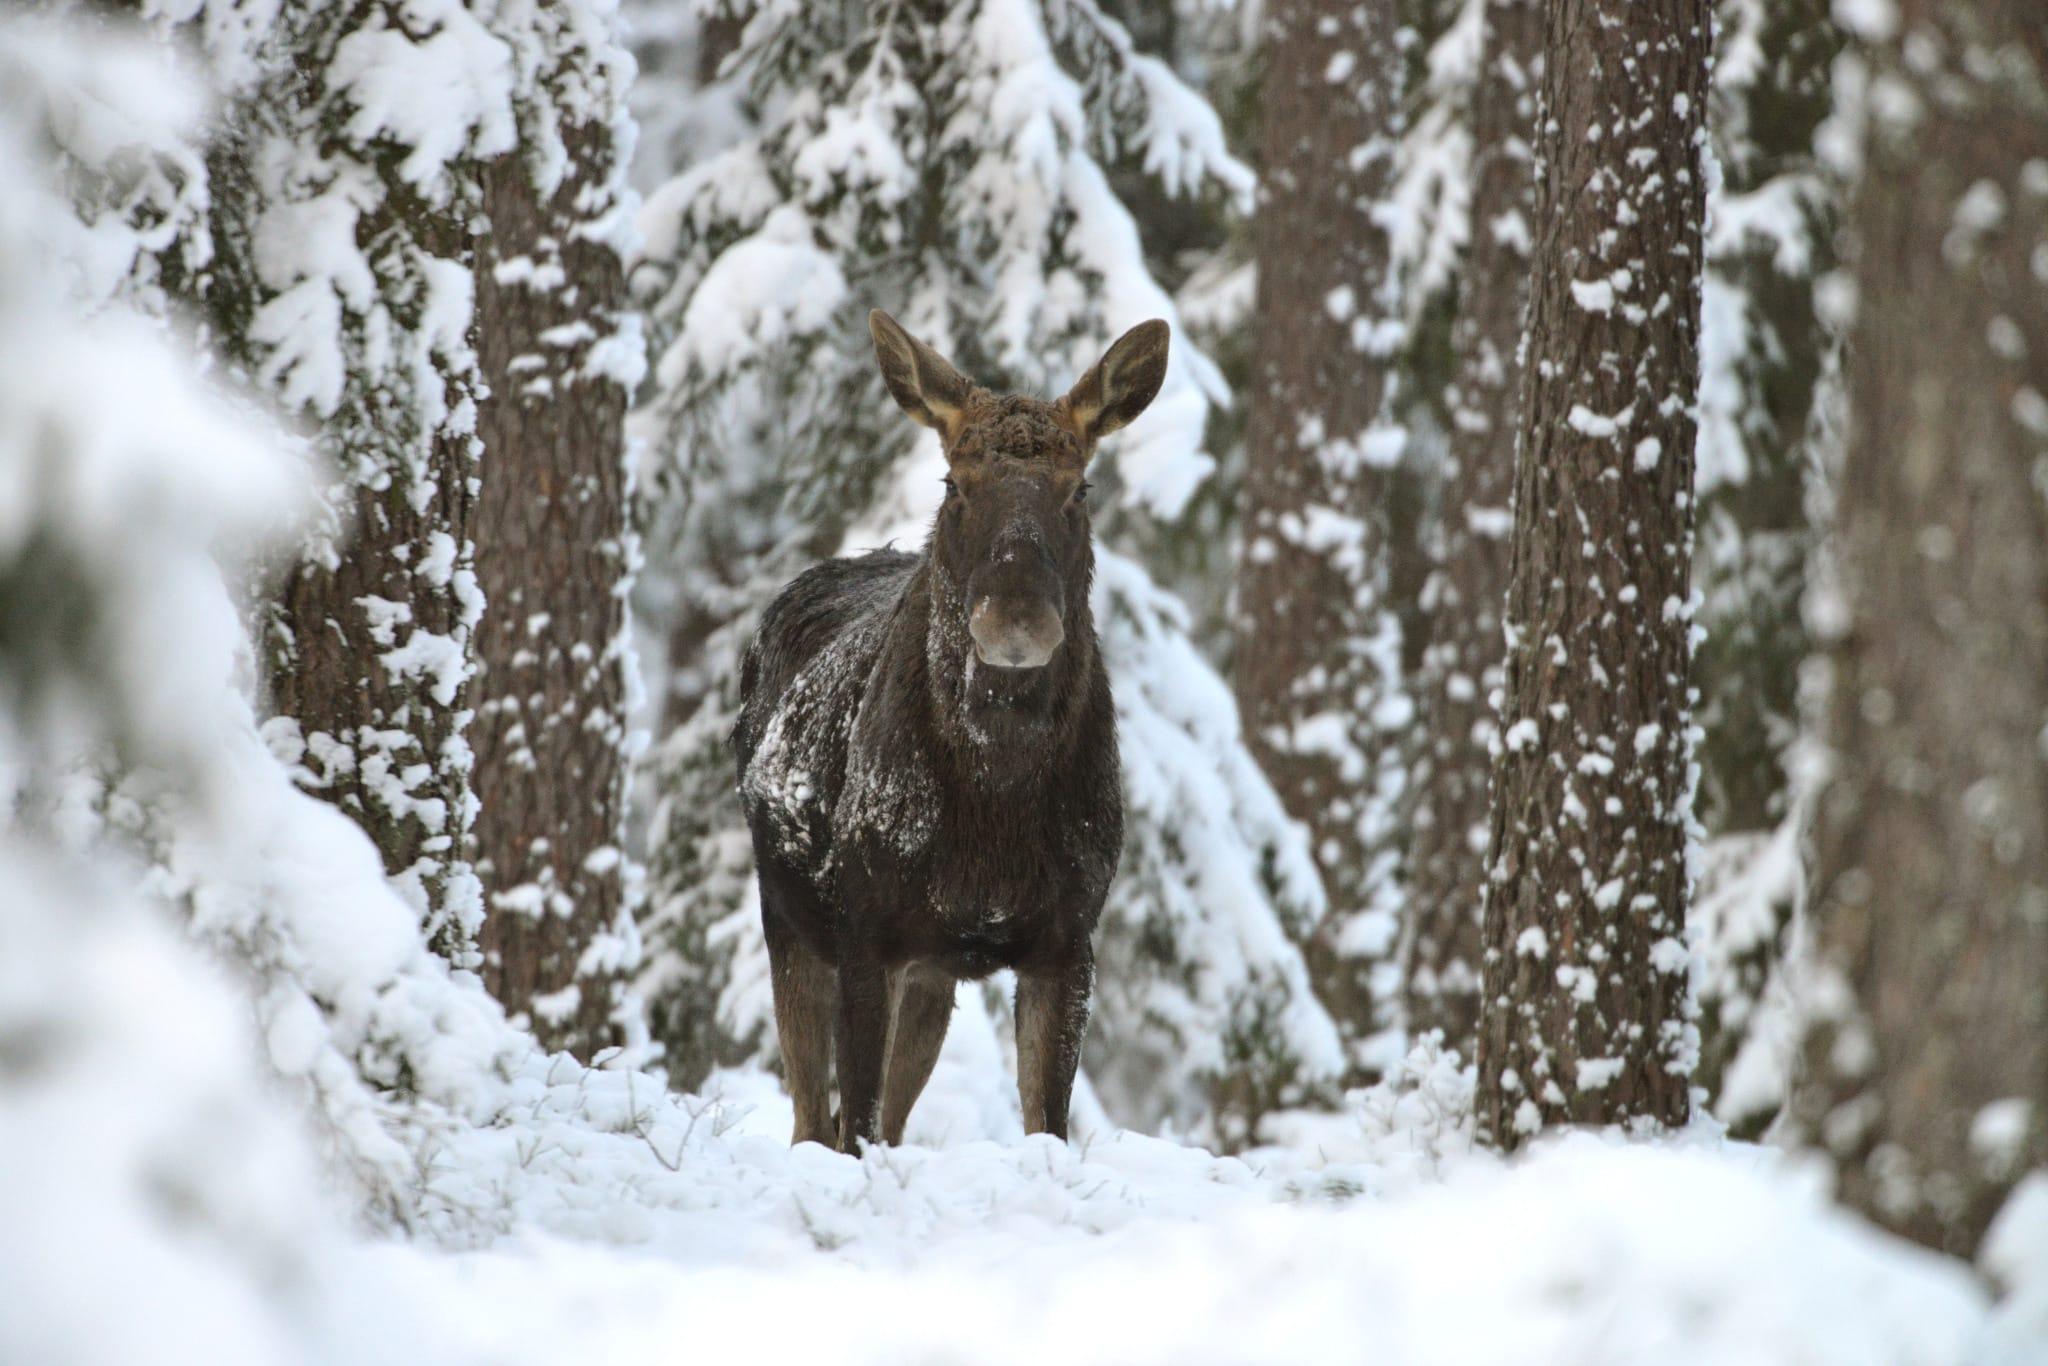 Stora rovdjur är bara en del av viltförvaltningsdelegationernas arbetsområden. Frågor som älg, hjort, säl och annat vilt är andra delar som behandlas av delegationerna. Foto: Kenneth Johansson